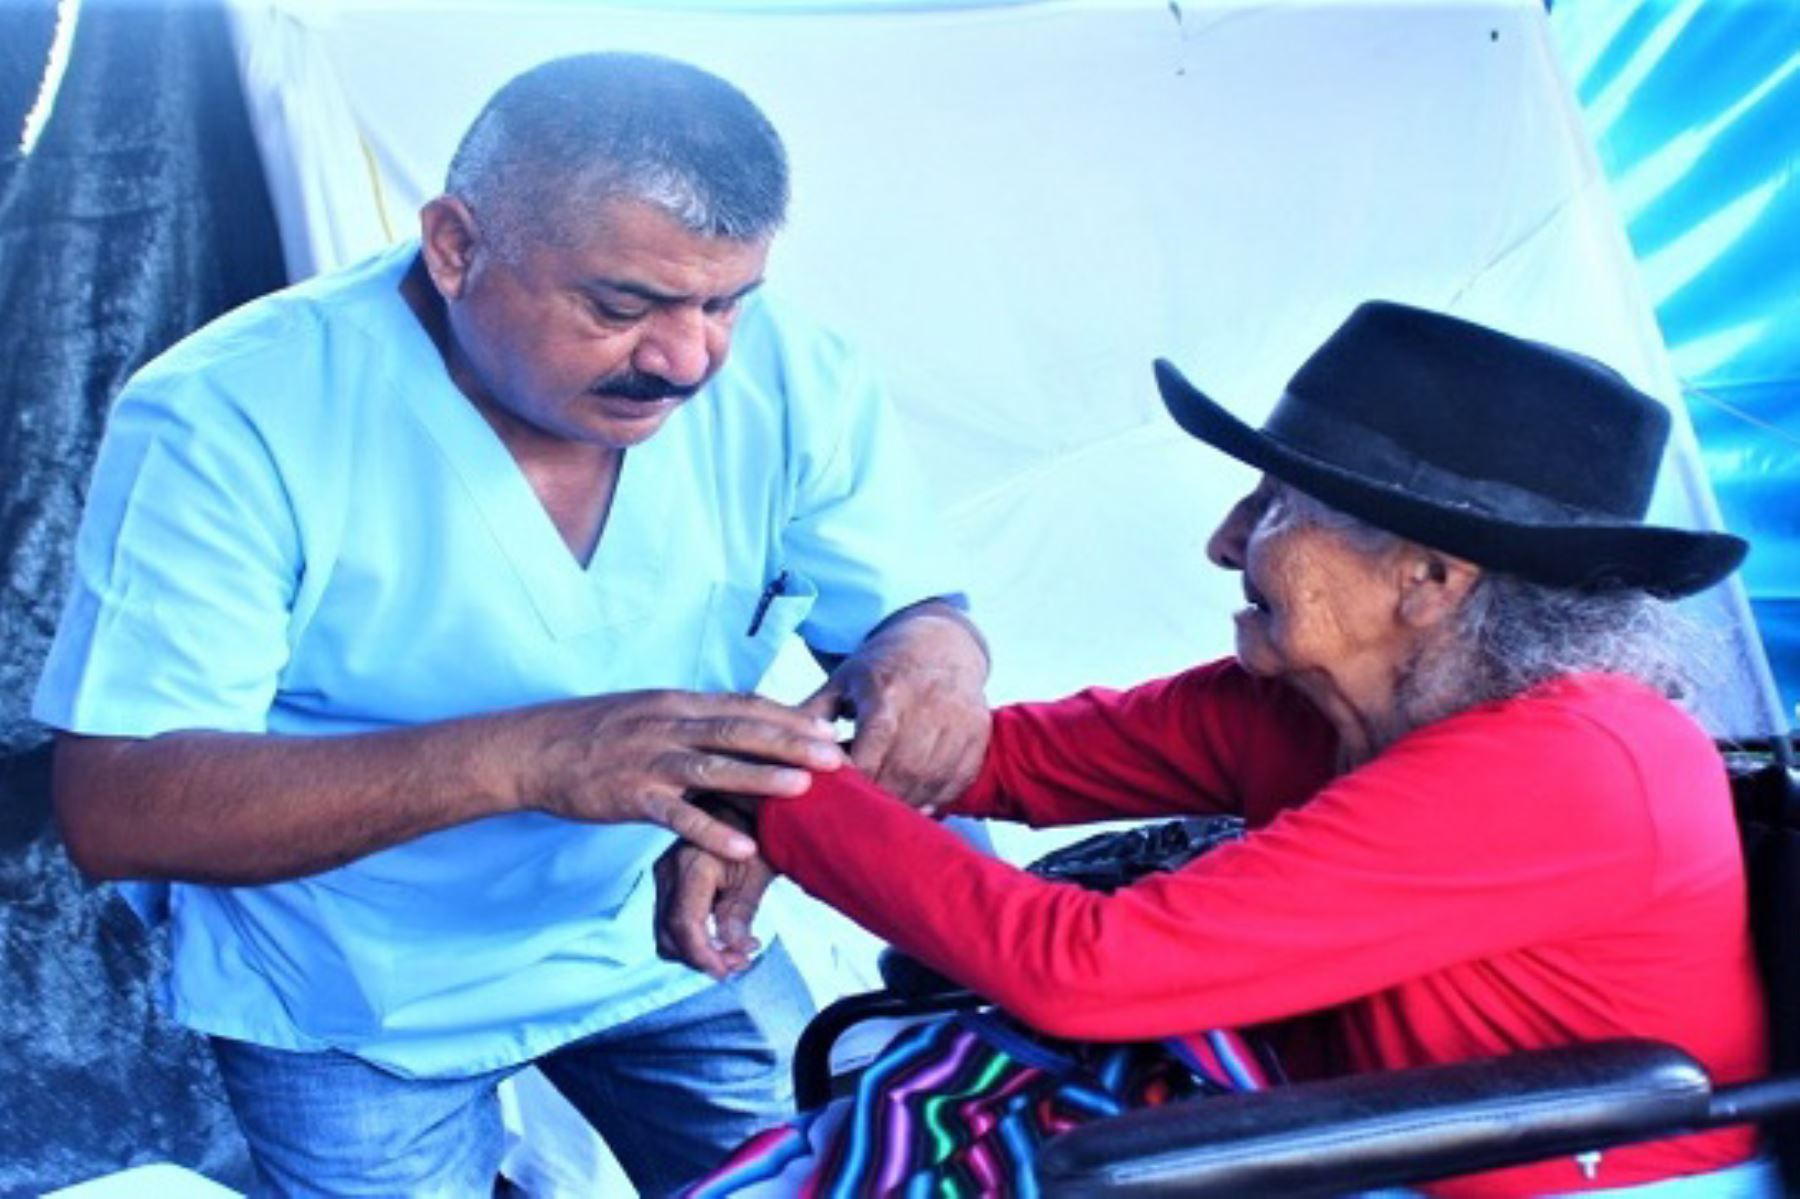 Especialistas del Instituto Nacional de Rehabilitación brindan atención a pobladores indígenas del Vraem con discapacidad.